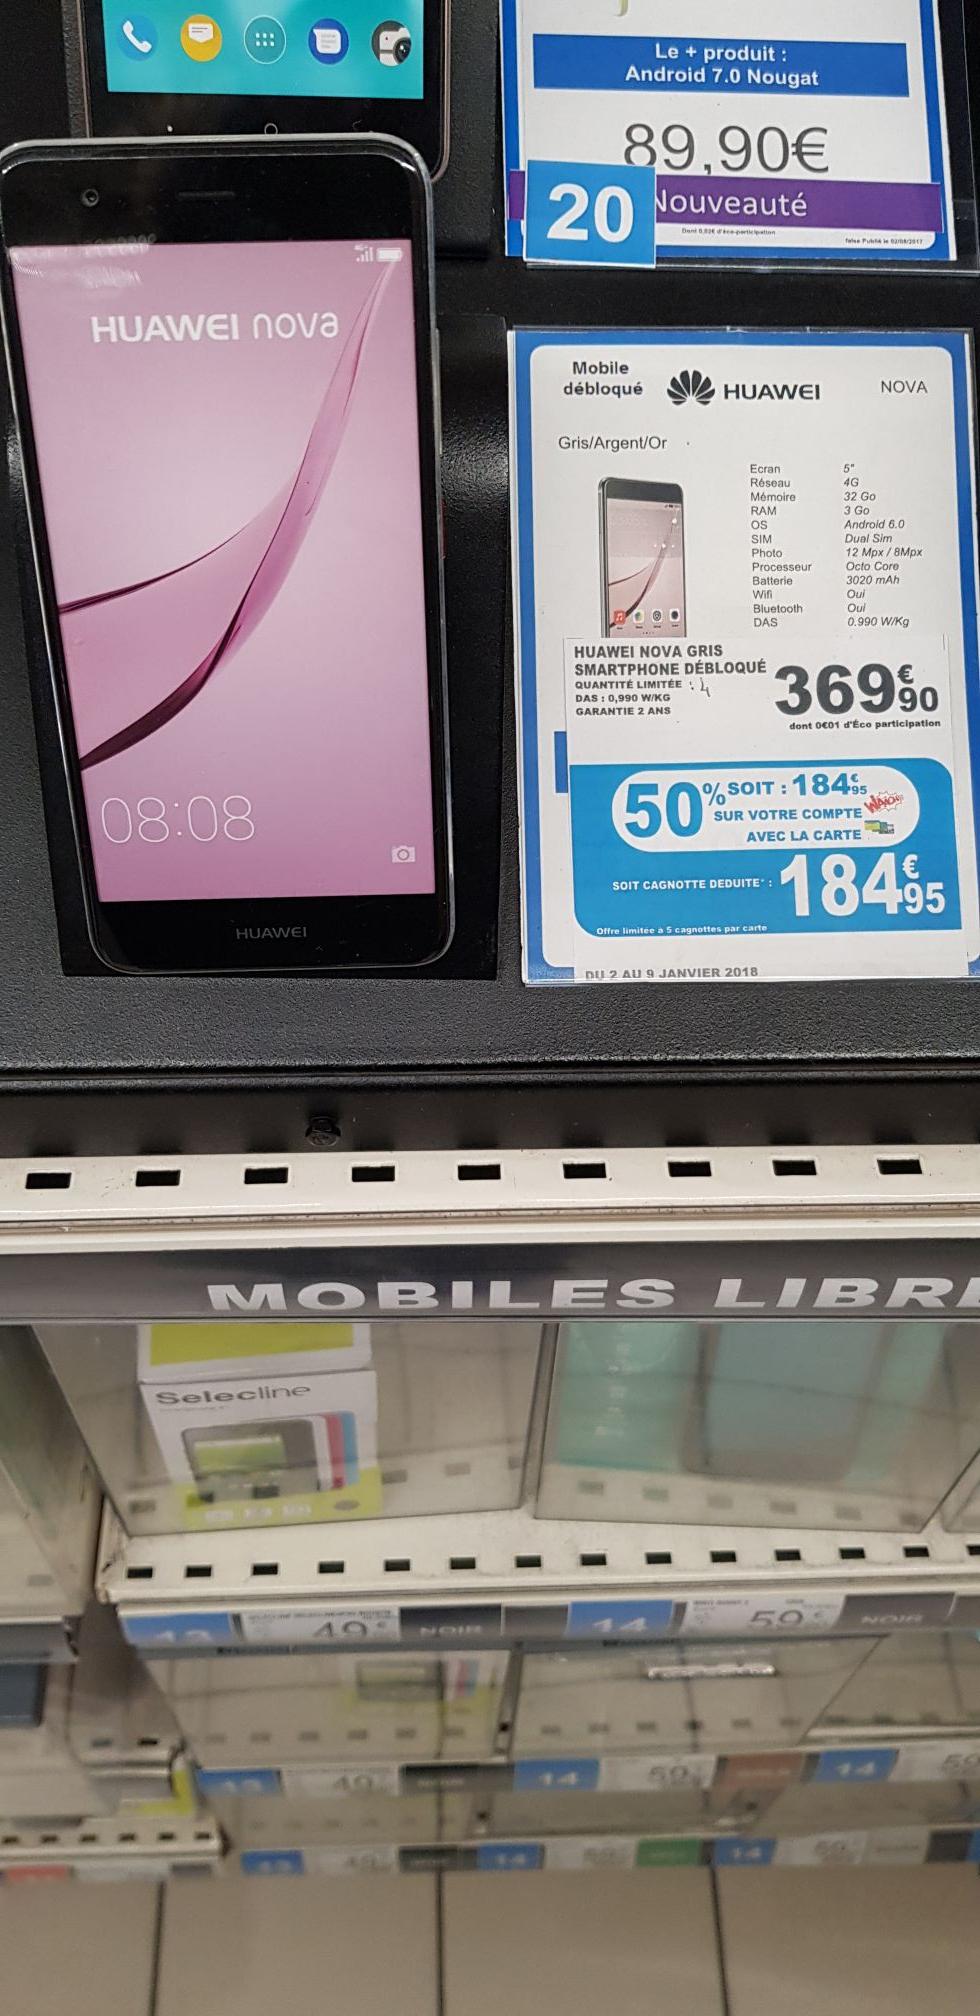 """Smartphone 5"""" Huawei Nova - 3 Go RAM, 32 Go ROM, 4G (via 184.95€ sur la carte fidélité) - Grande-Synthe (59)"""